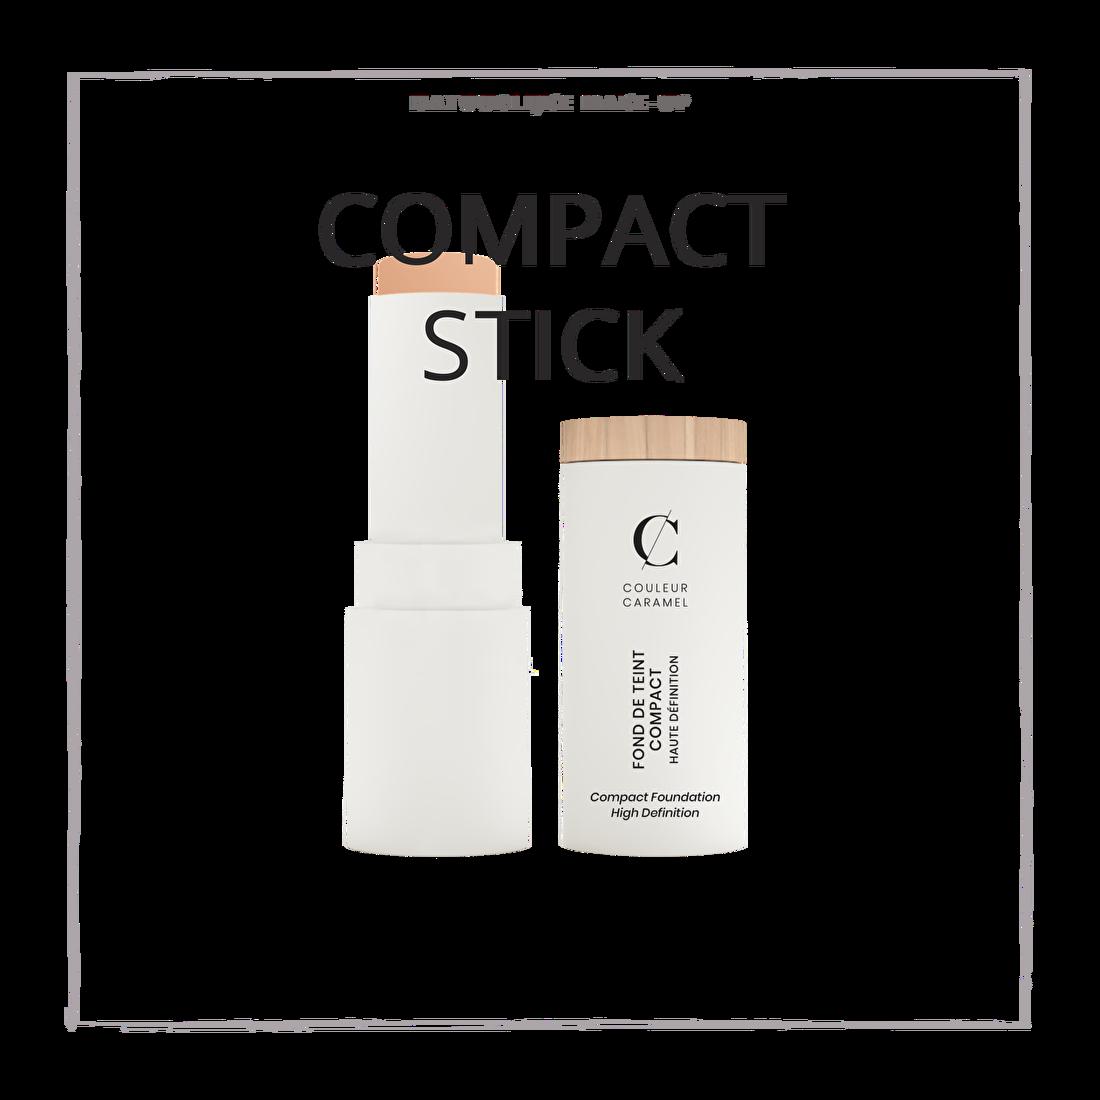 natuurlijke make-up compact stick foundation CouleurCaramelmakeup.nl